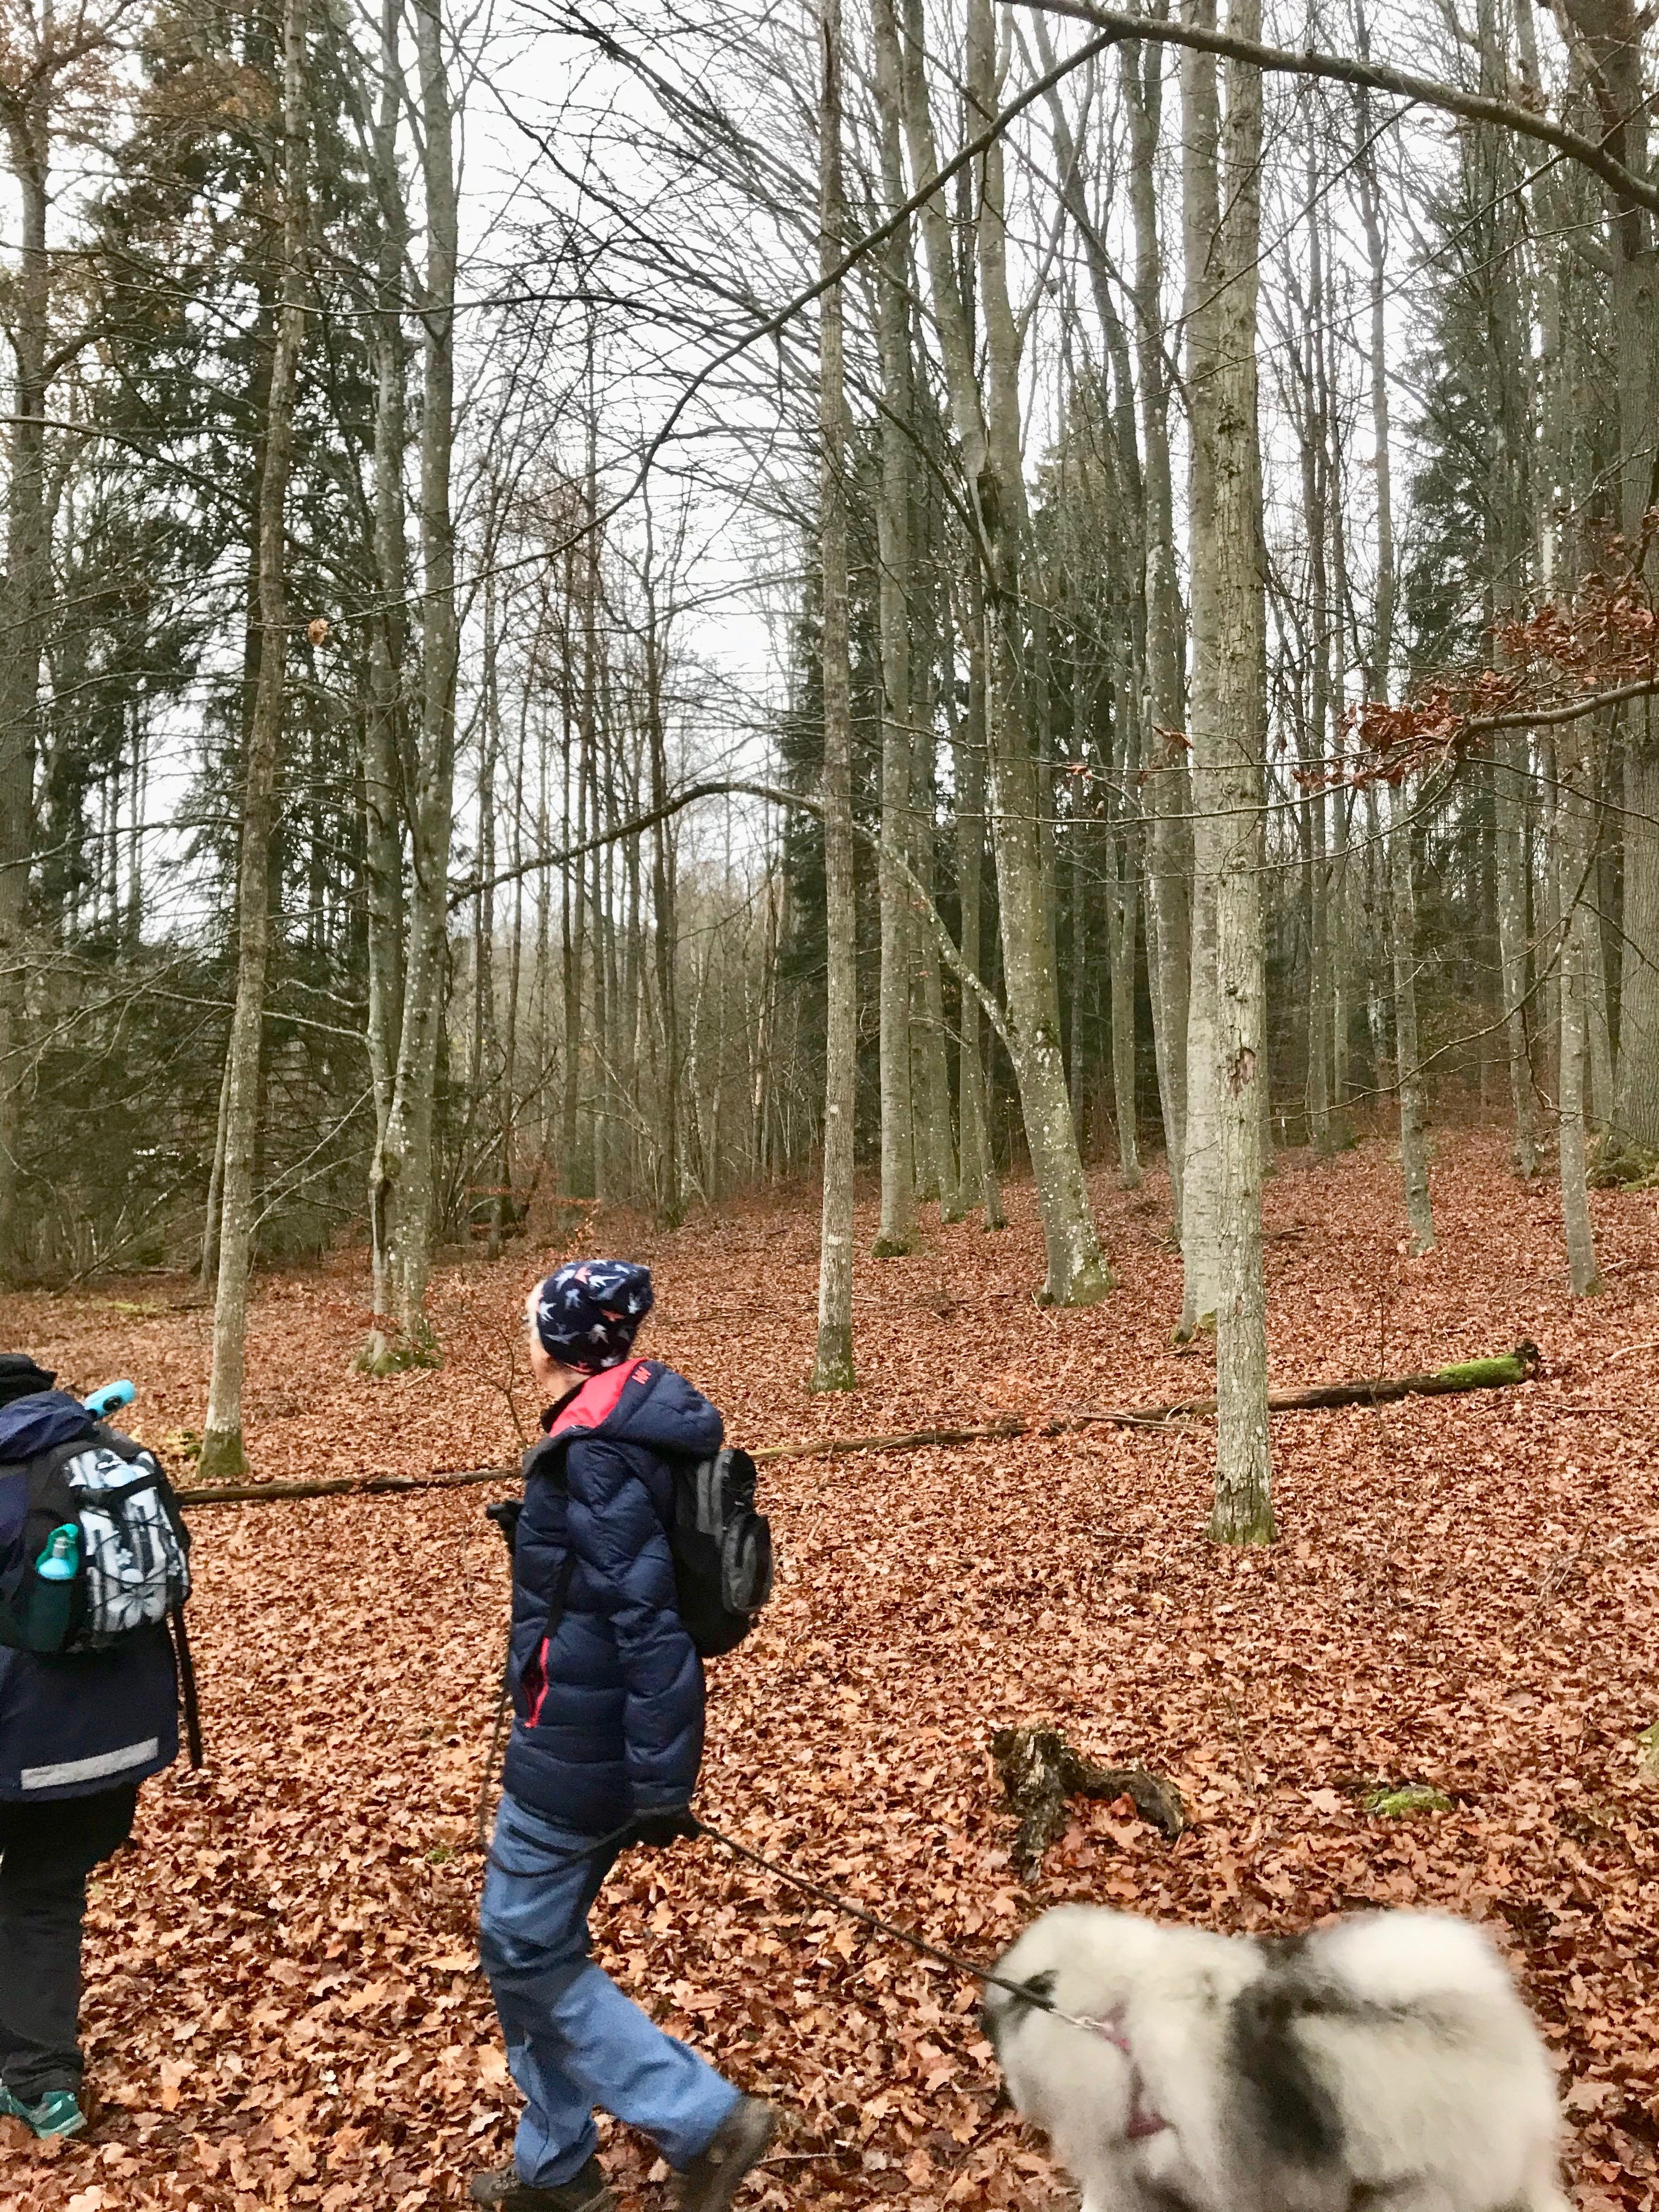 Efter Tubbarp gick vi genom en fin bokskog. Vi ska göra om vandringen i maj när blåsipporna står i sitt flor.